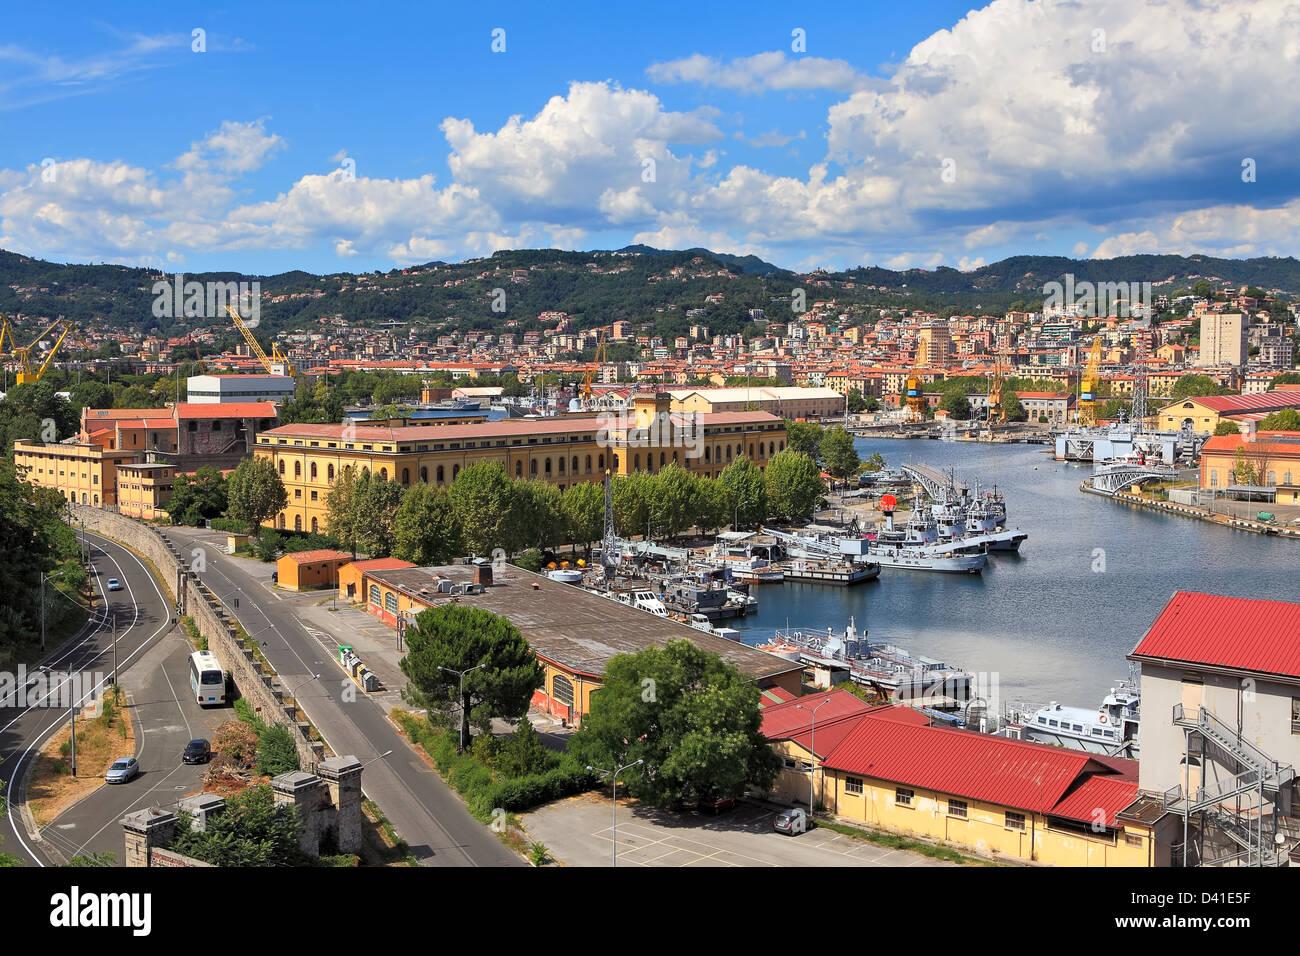 Blick auf Hafen mit militärischen Marinebasis und Stadt La Spezia in Ligurien, Italien. Stockbild